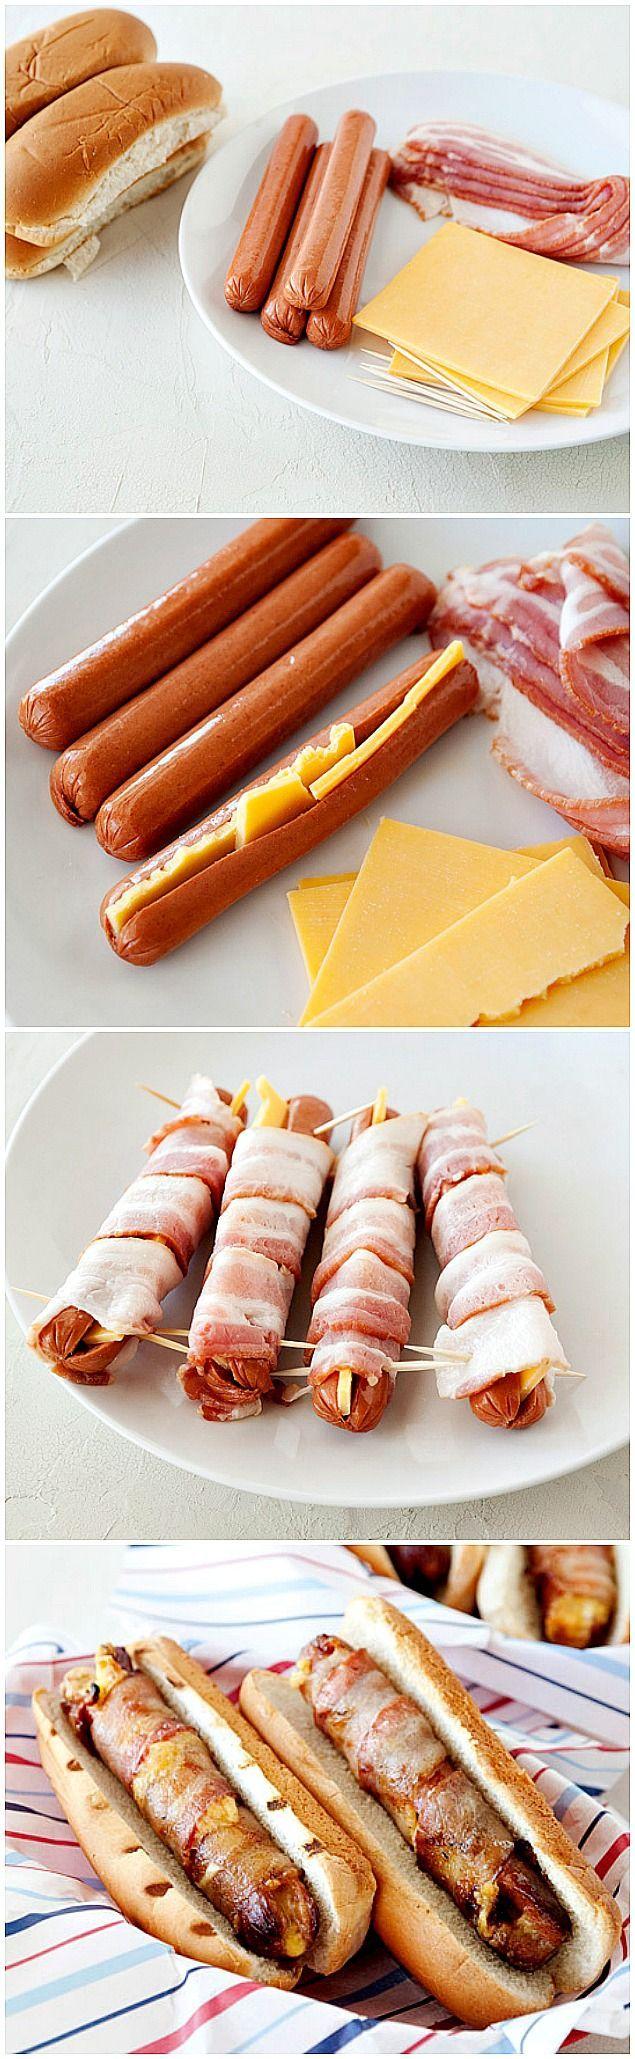 saucisse cocktail cheddar et bacon ou jambon cru dans navette